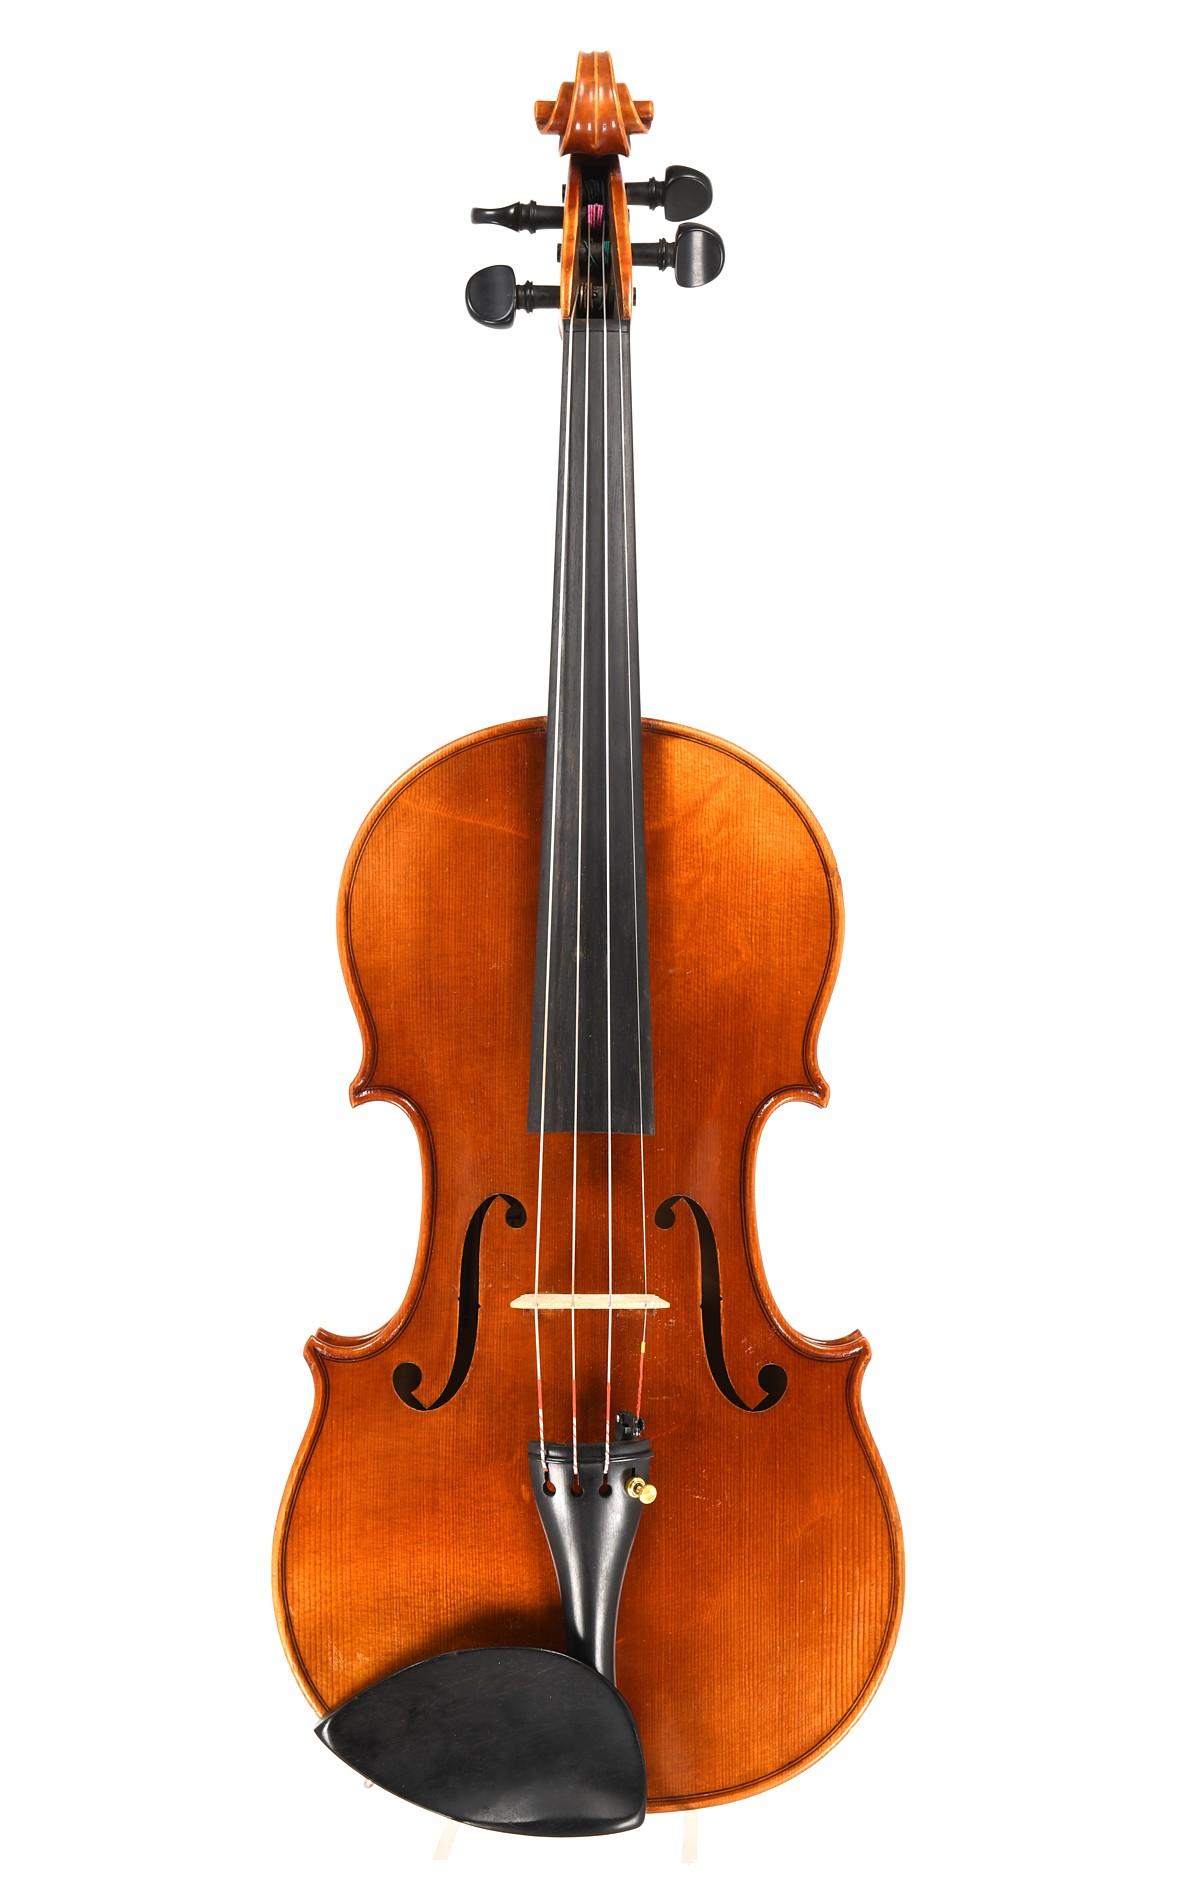 Mittenwalder Geige von Max Hofmann - Decke aus Haselfichte